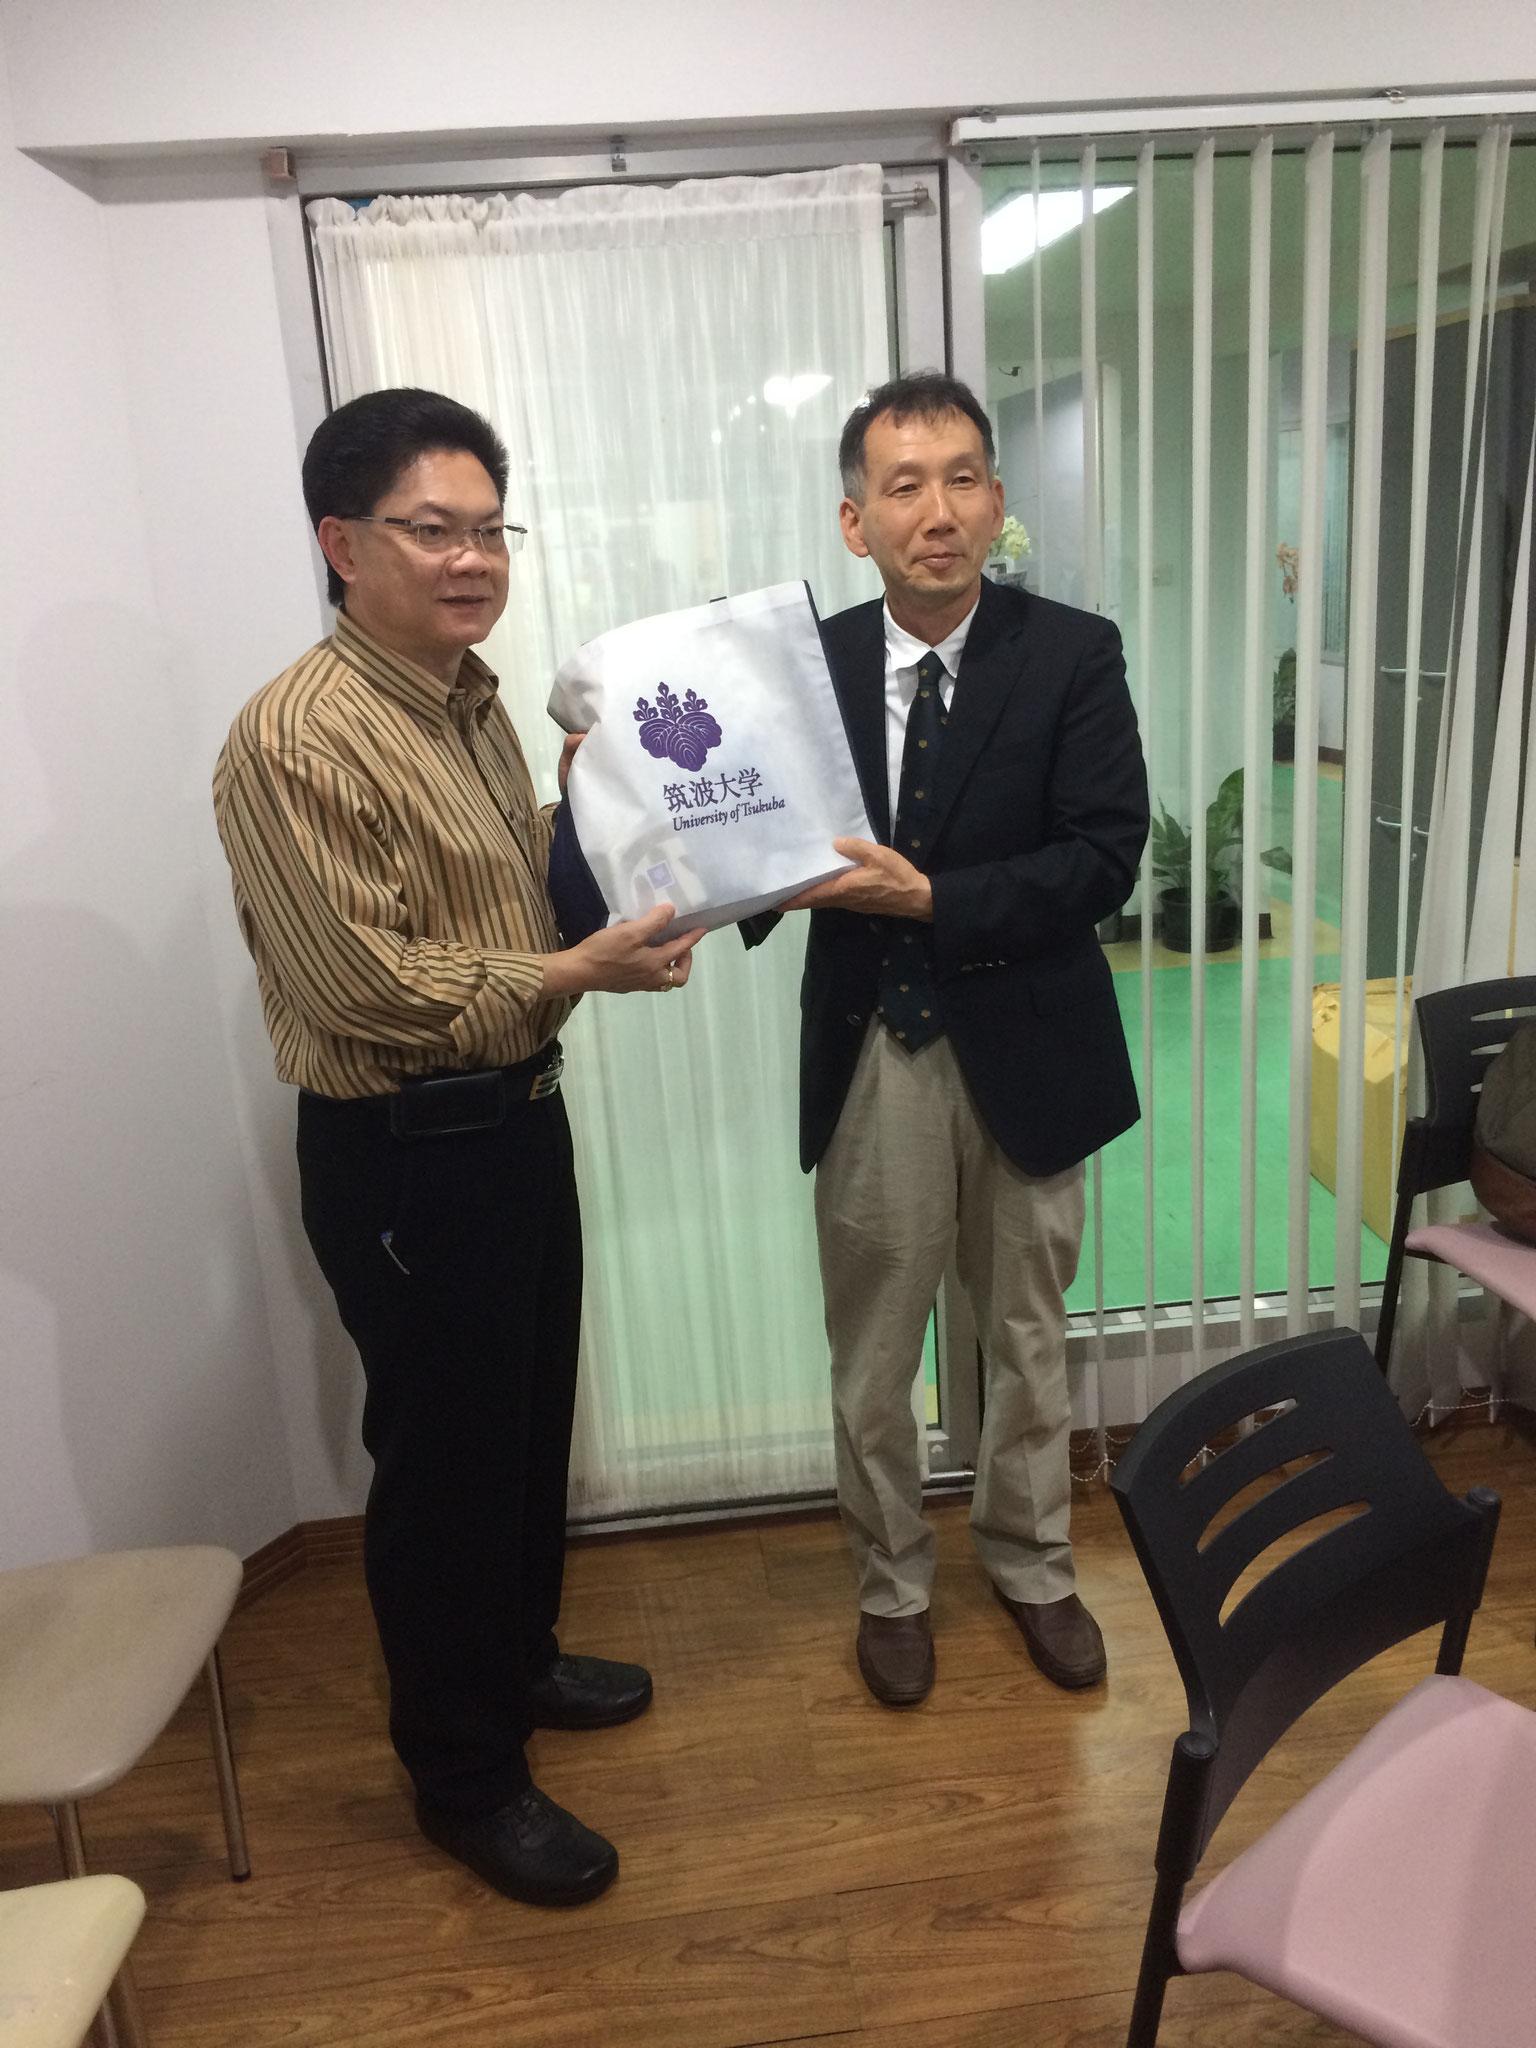 コンケーン市長と山田先生